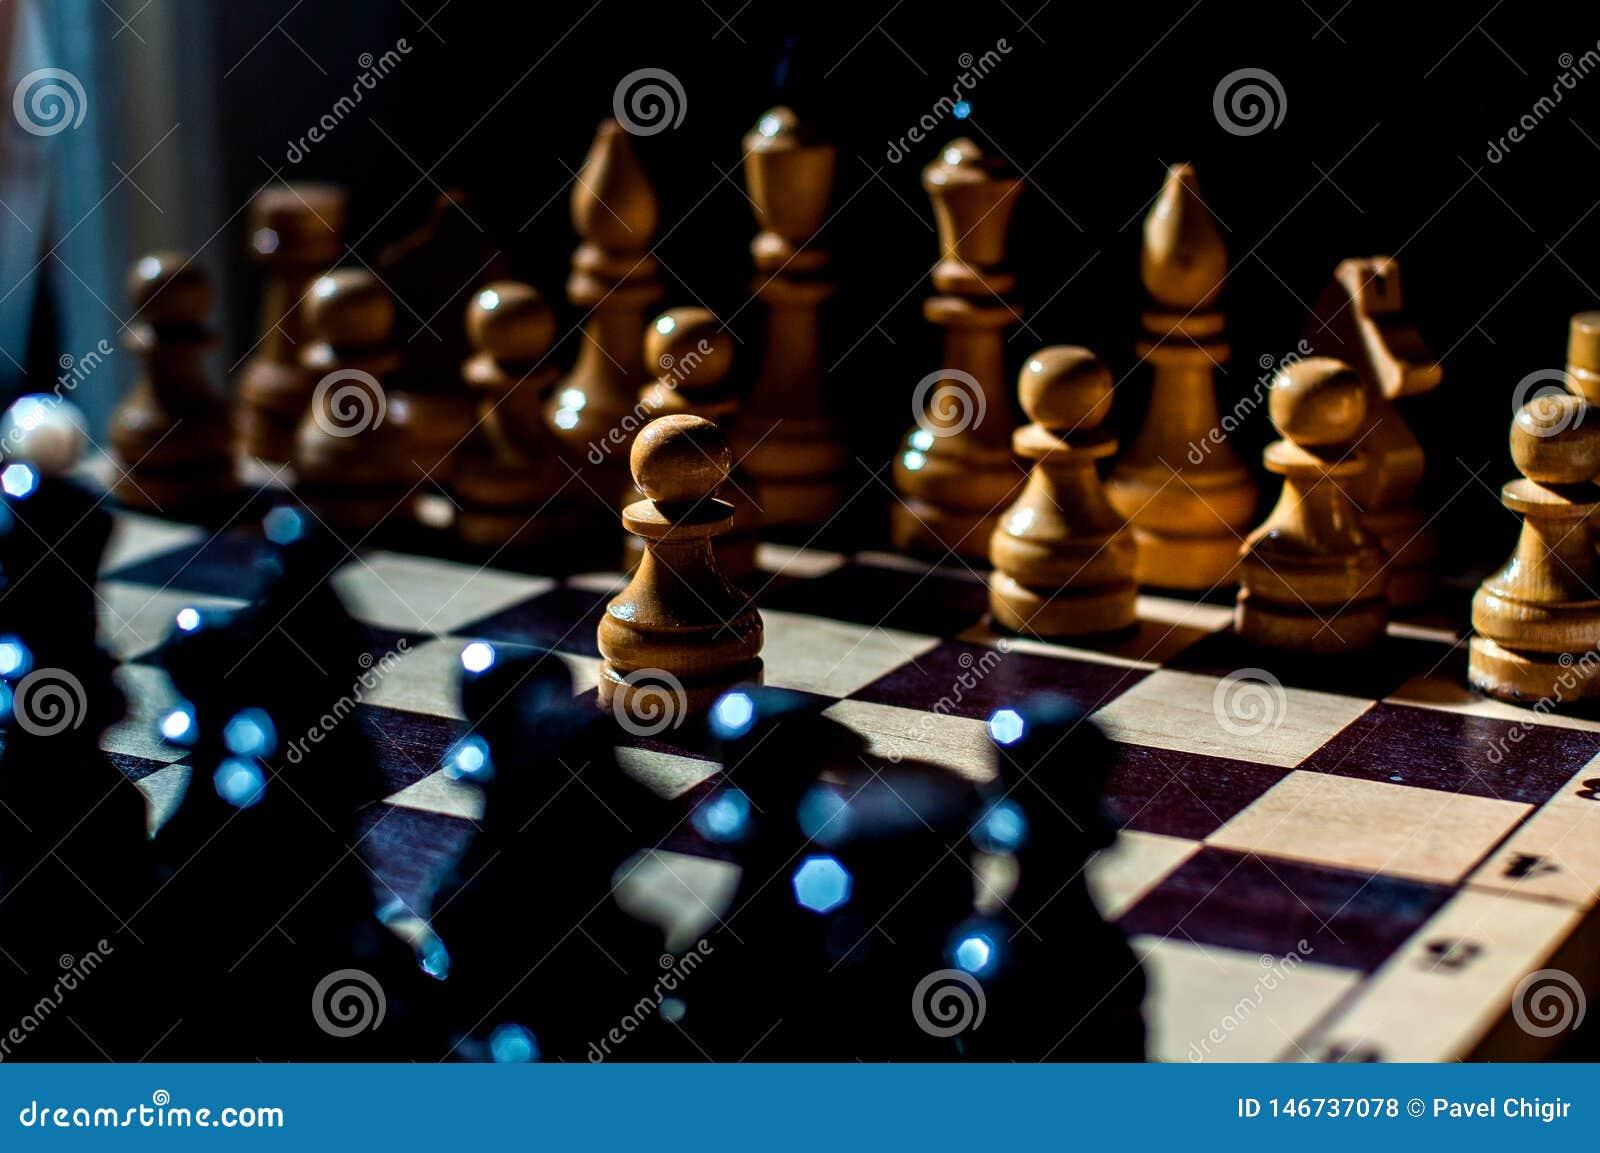 Шахматы настольная игра логики с особенными частями на доске 64 клеток для 2 оппонентов, совмещая элементы искусства, науку и спо